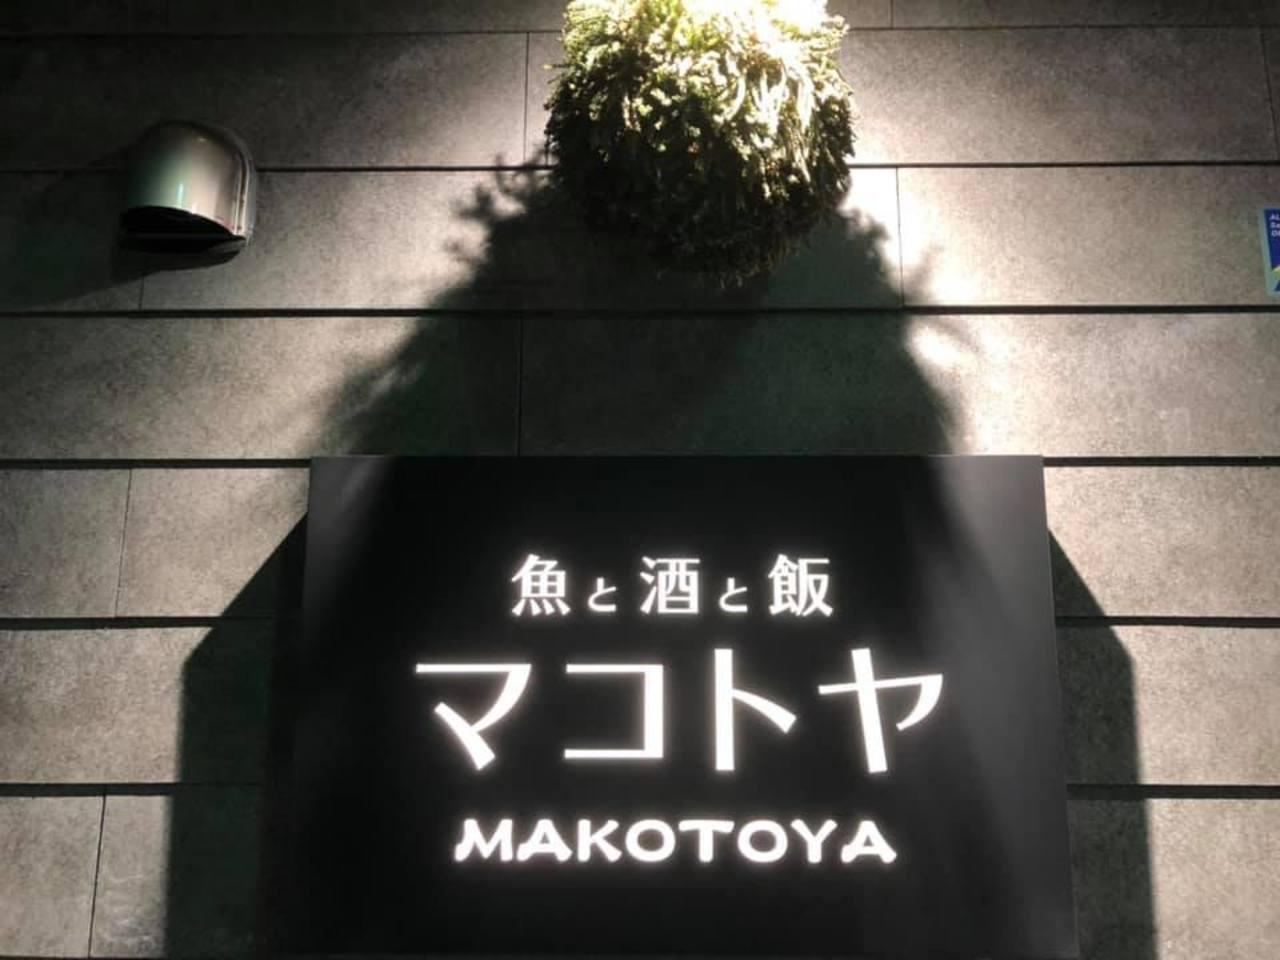 岩手県北上市幸町に「魚と酒と飯 マコトヤ」が本日グランドオープンのようです。